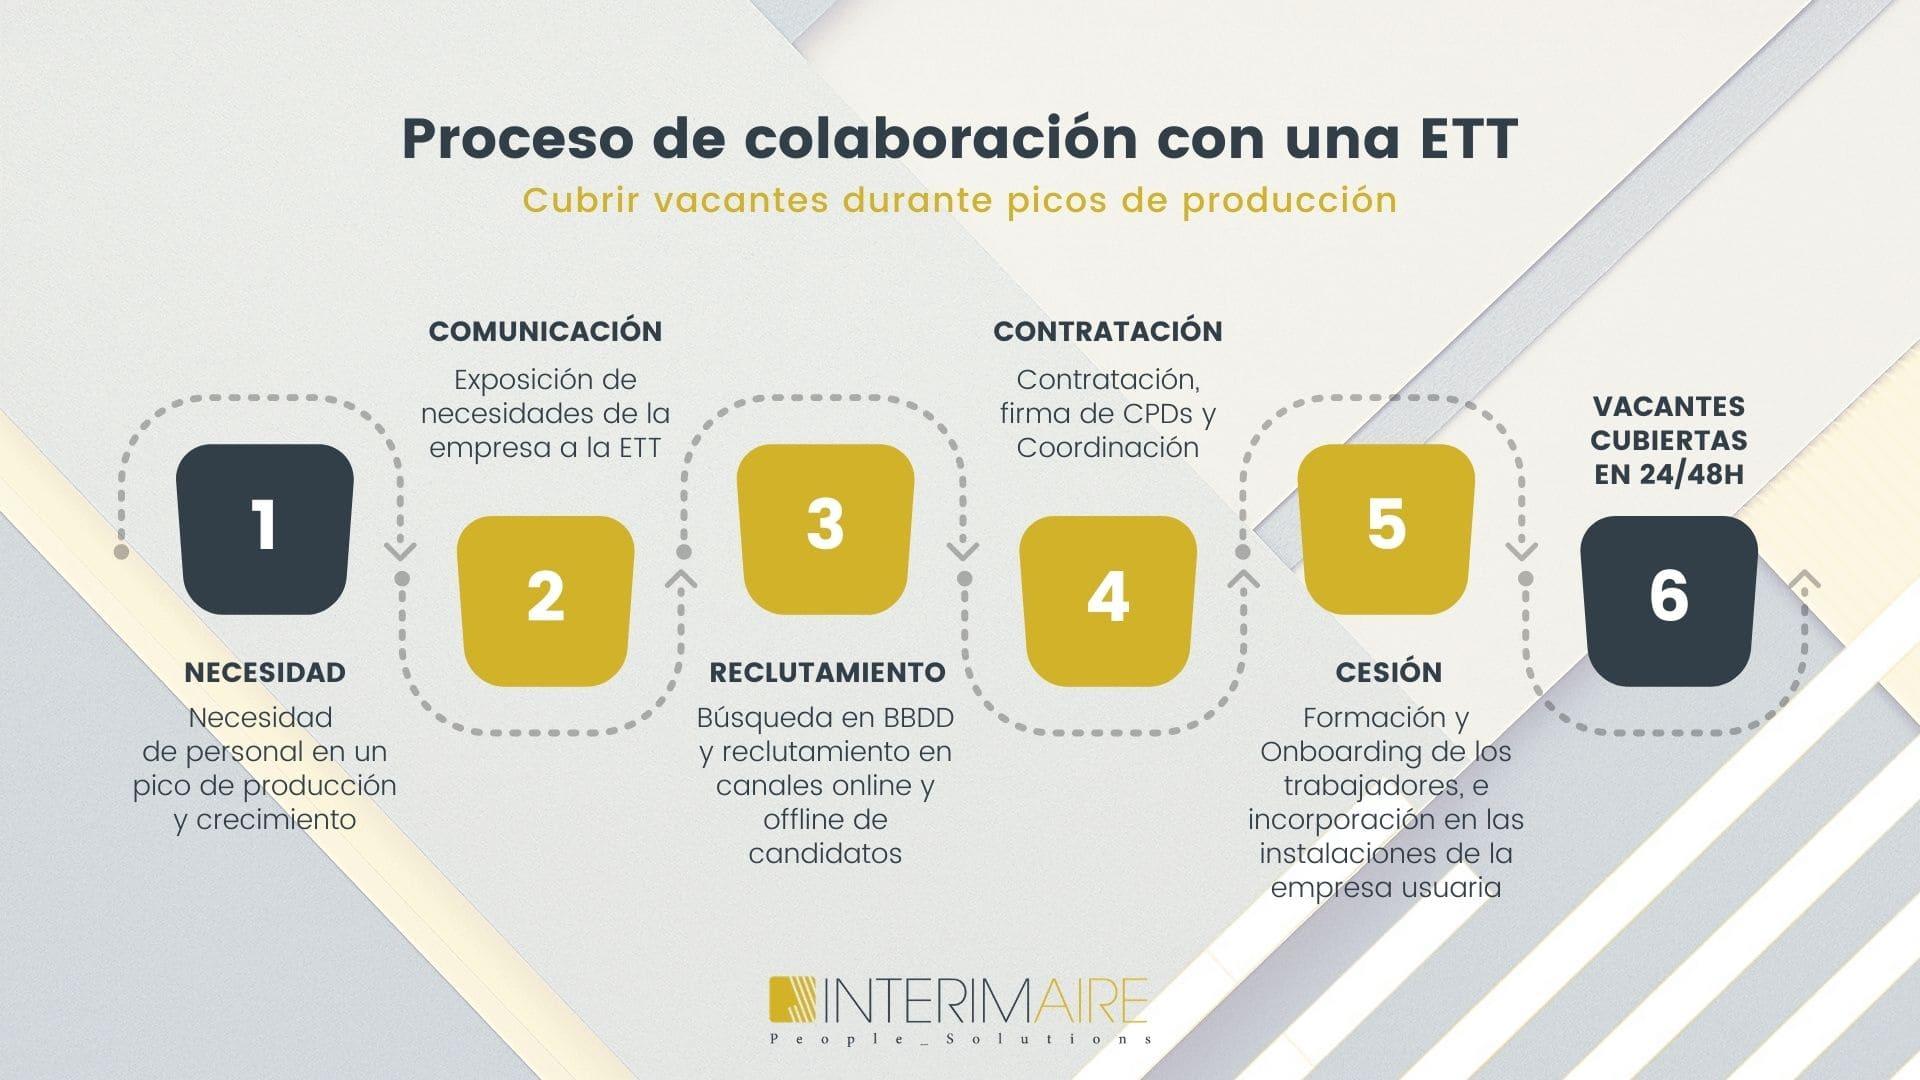 Proceso de colaboración con una ETT_INTERIM-GROUP